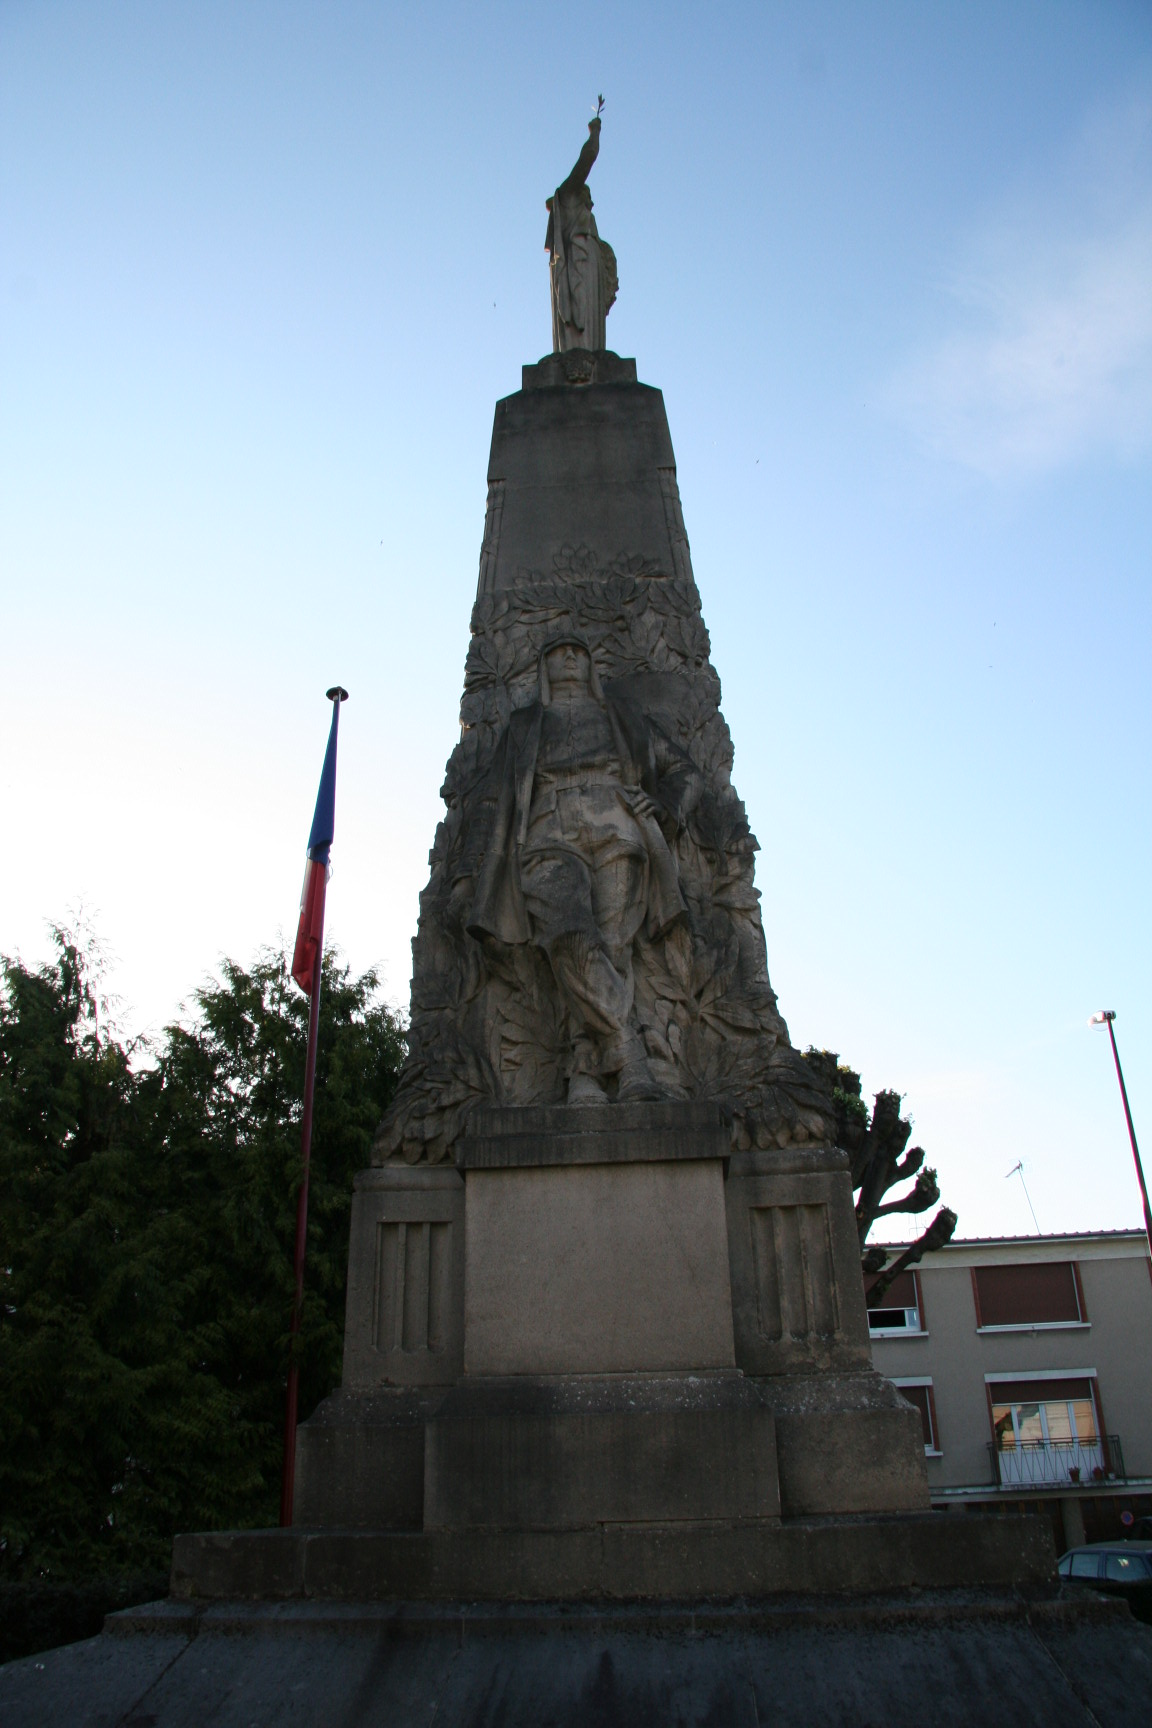 Le Mans en 2010 - Monument commémoratif - Avenue de la Libération - La Sarthe à ses enfants morts pour la France - Vue 02 (Sylvie Leveau)